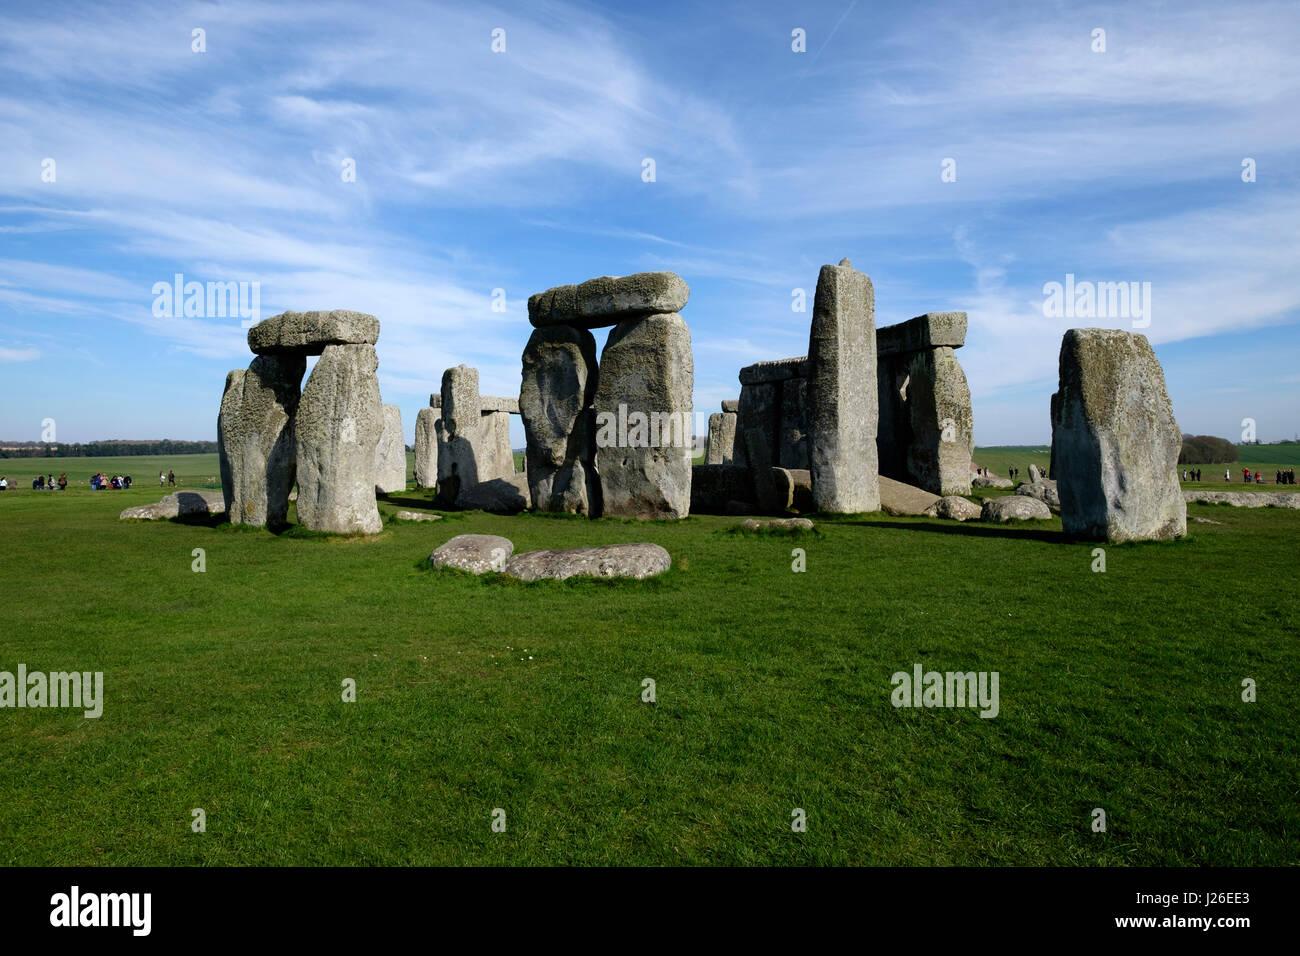 Stonehenge prehistoric monument in Wiltshire, England Stock Photo